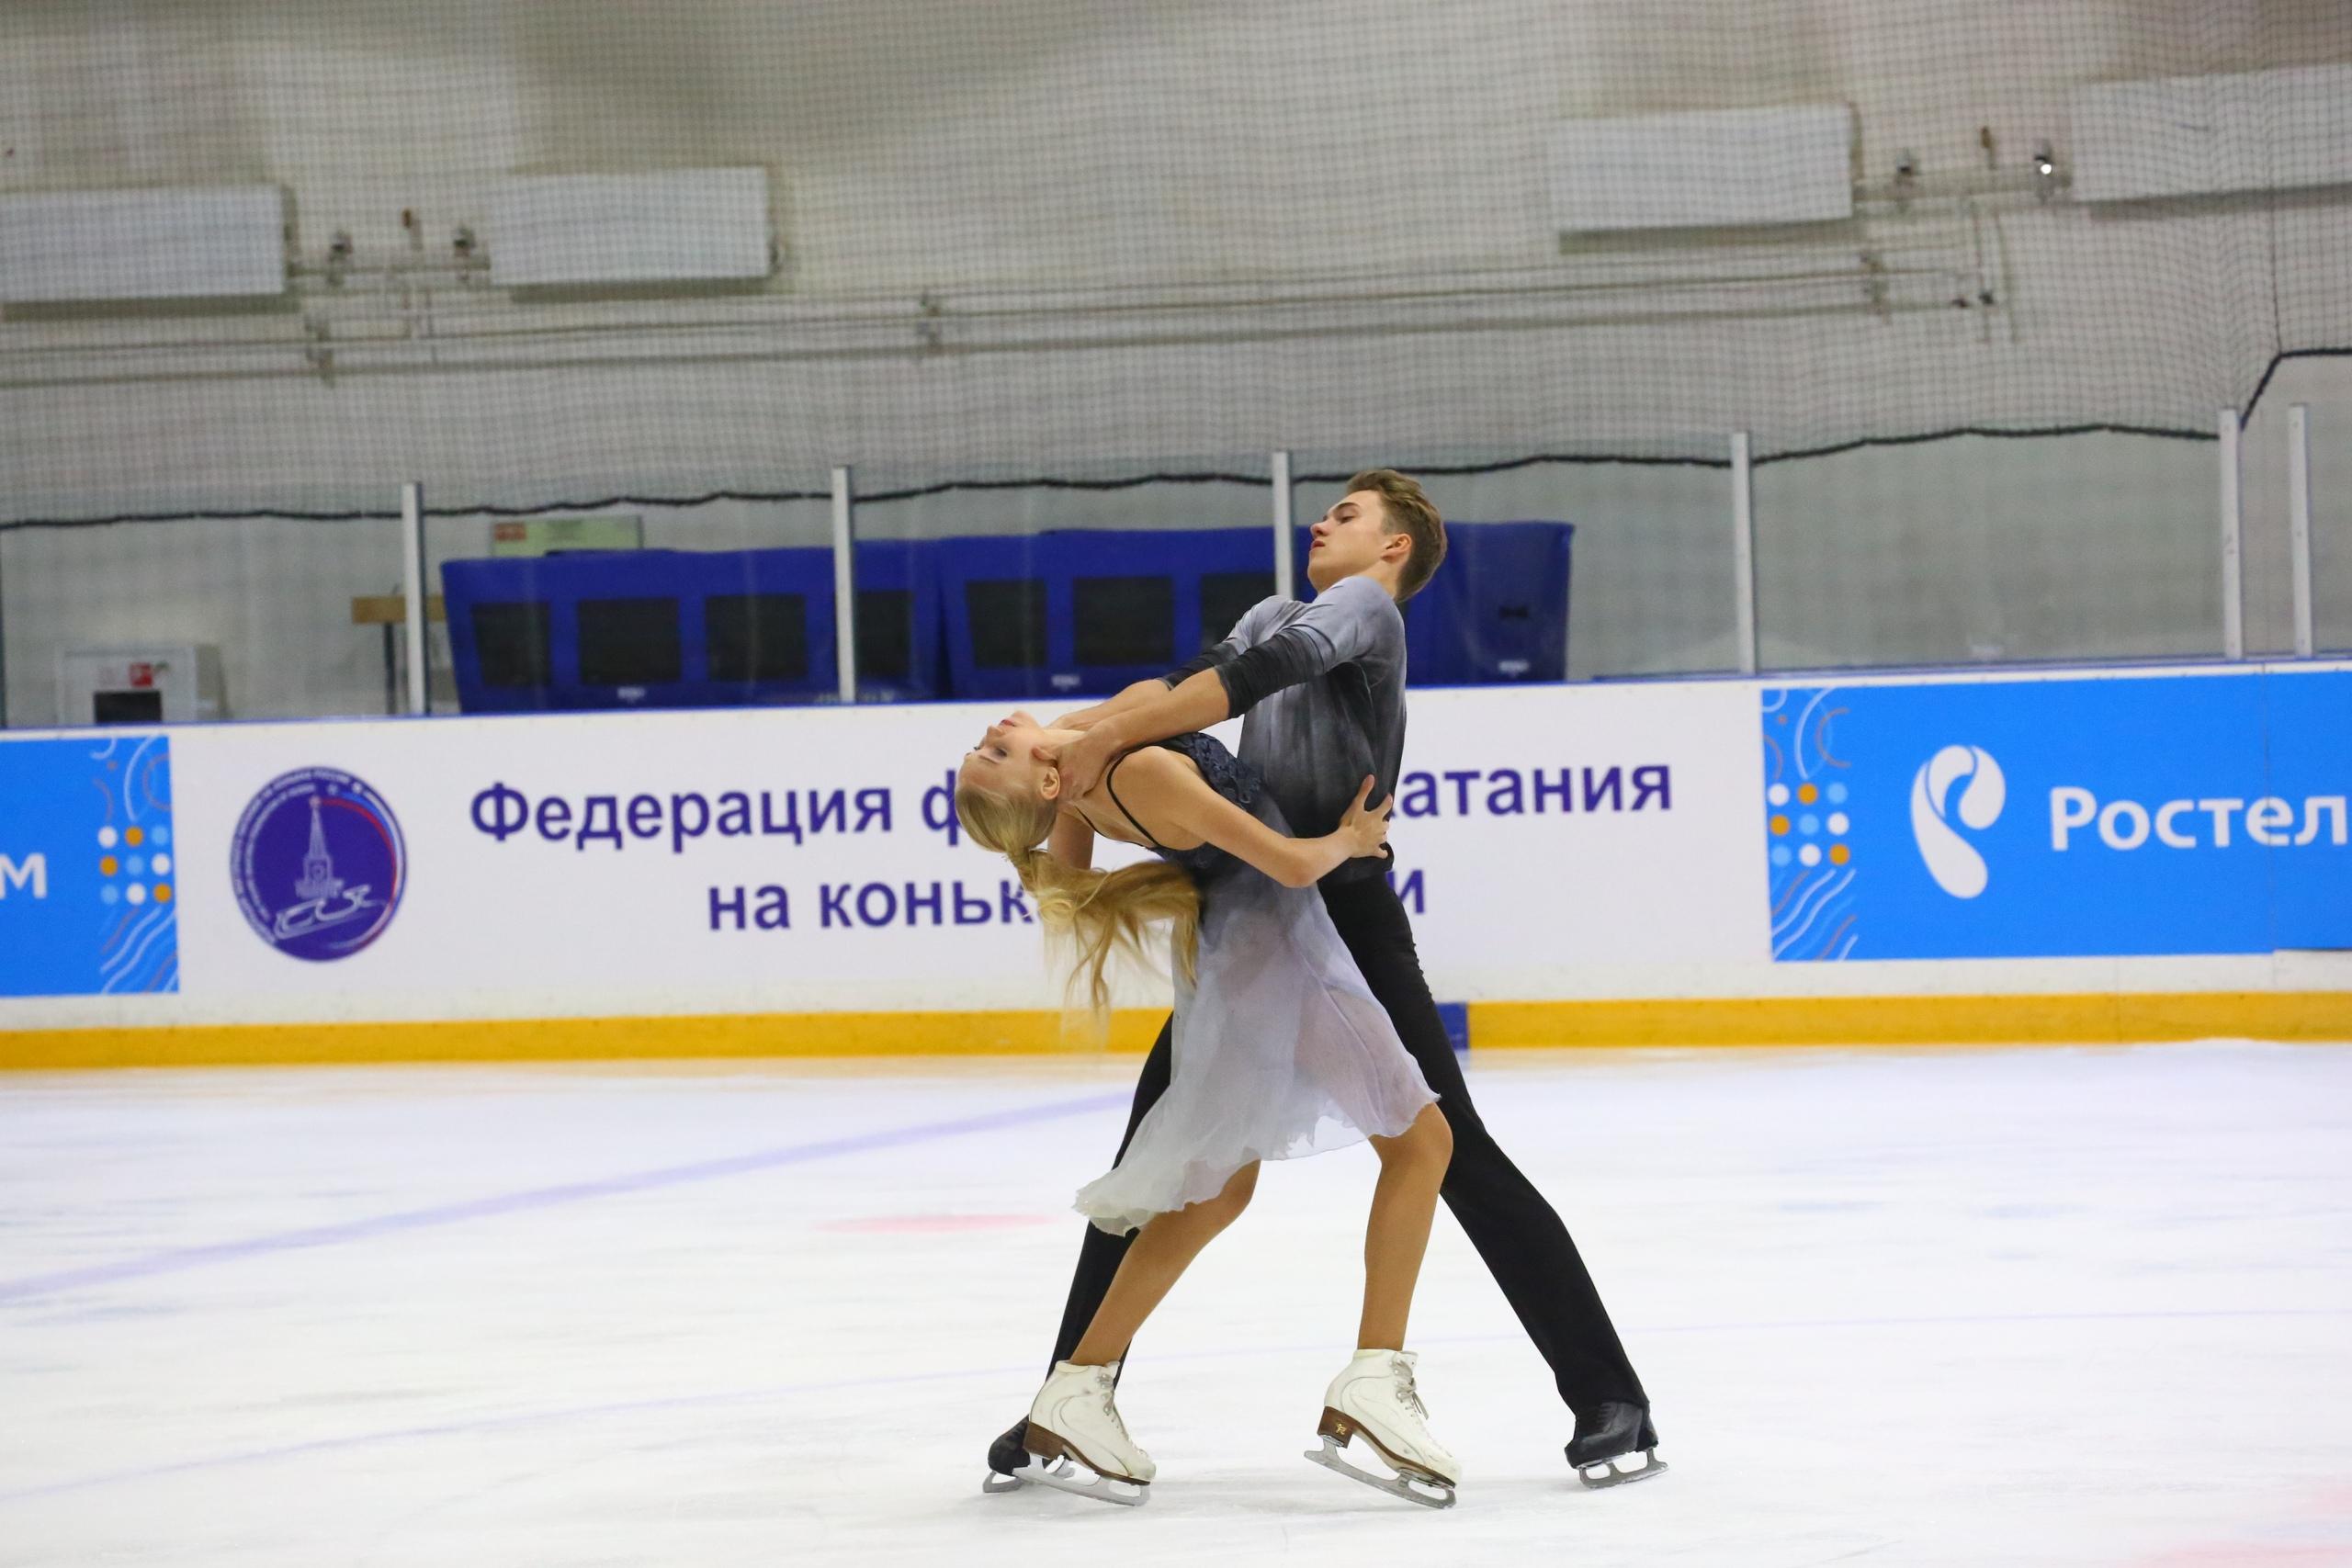 Российские соревнования сезона 2018-2019 (общая) - Страница 7 YfNbpOkKzrU